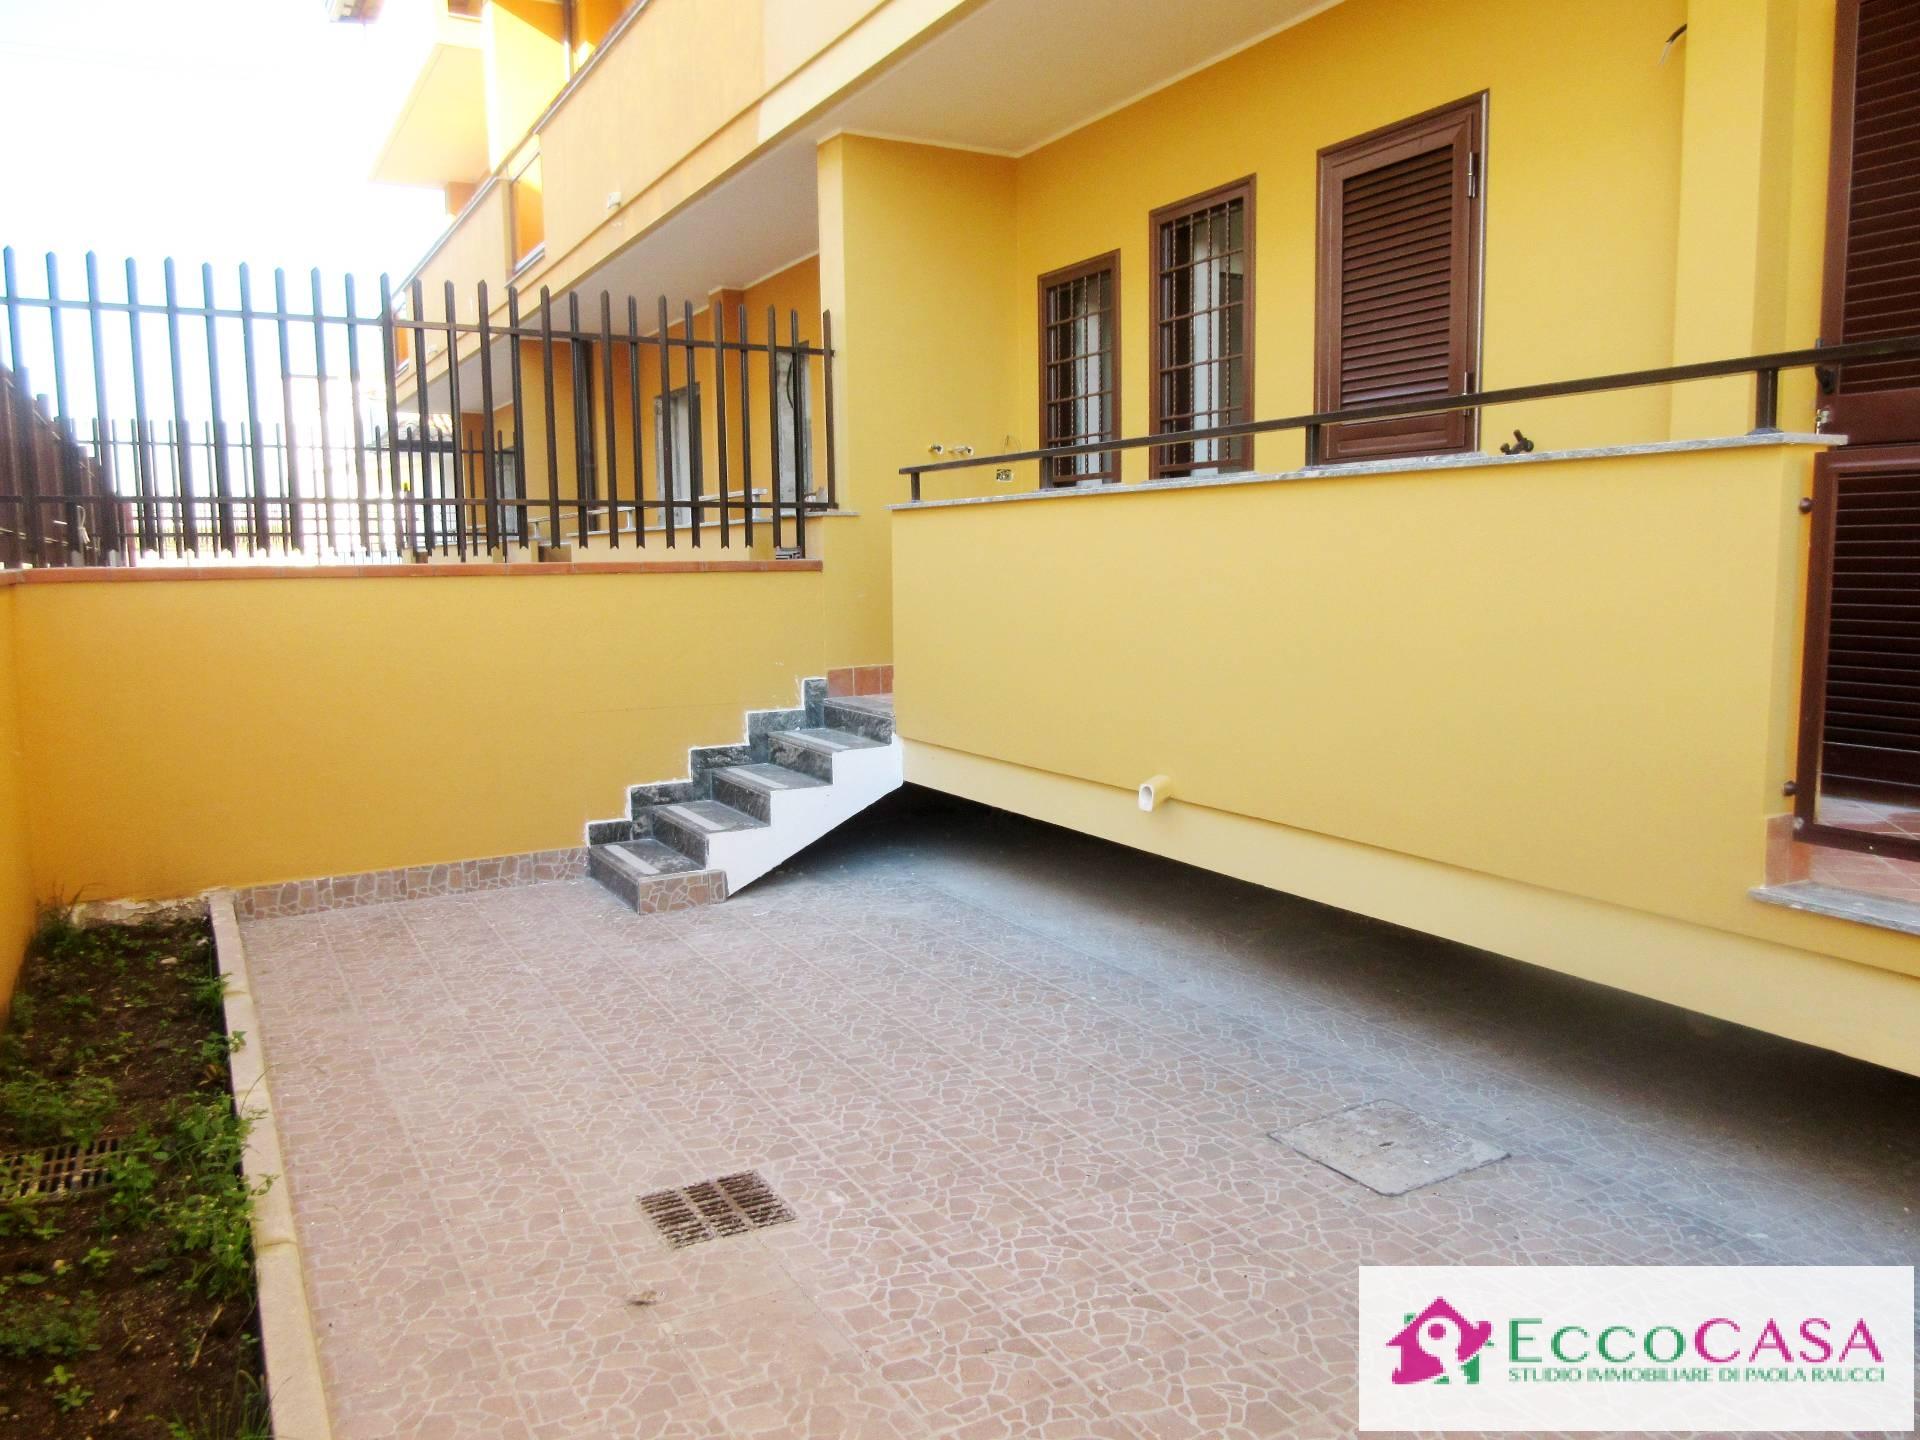 Villa in vendita a Maddaloni, 4 locali, prezzo € 230.000 | Cambio Casa.it